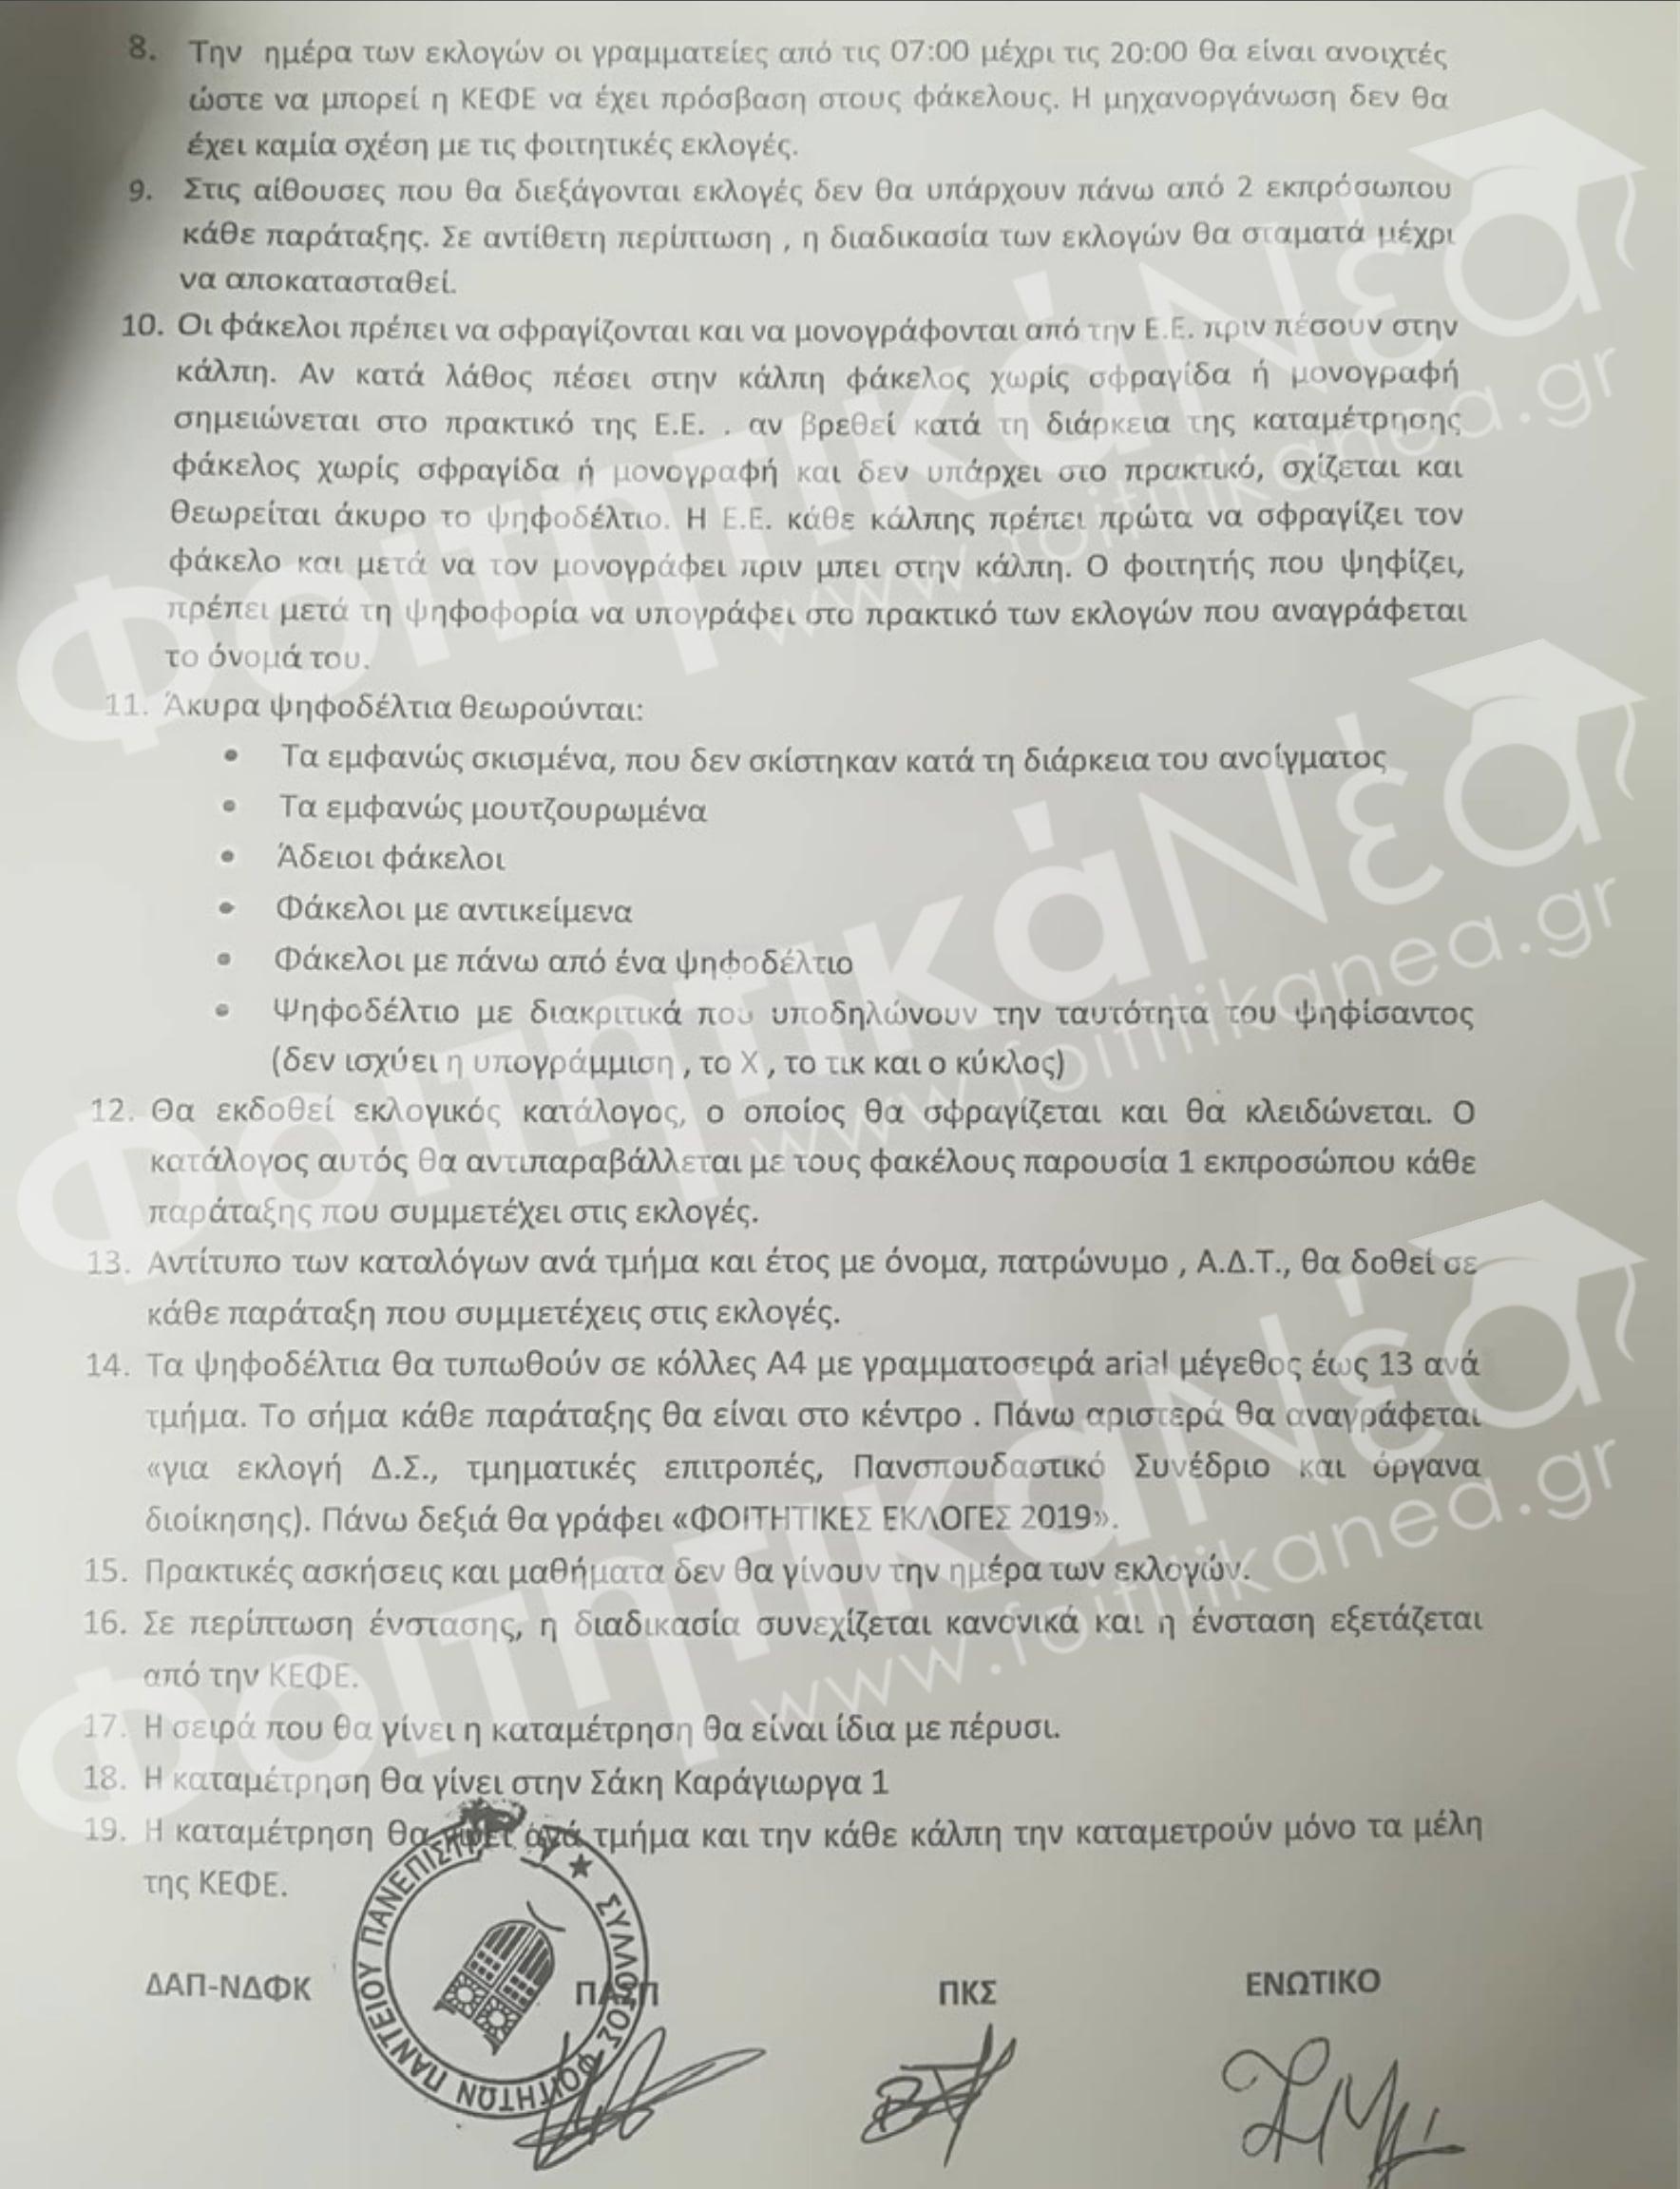 Ο εκλογικός κανονισμός για τις φοιτητικές εκλογές στο Πάντειο Πανεπιστήμιο